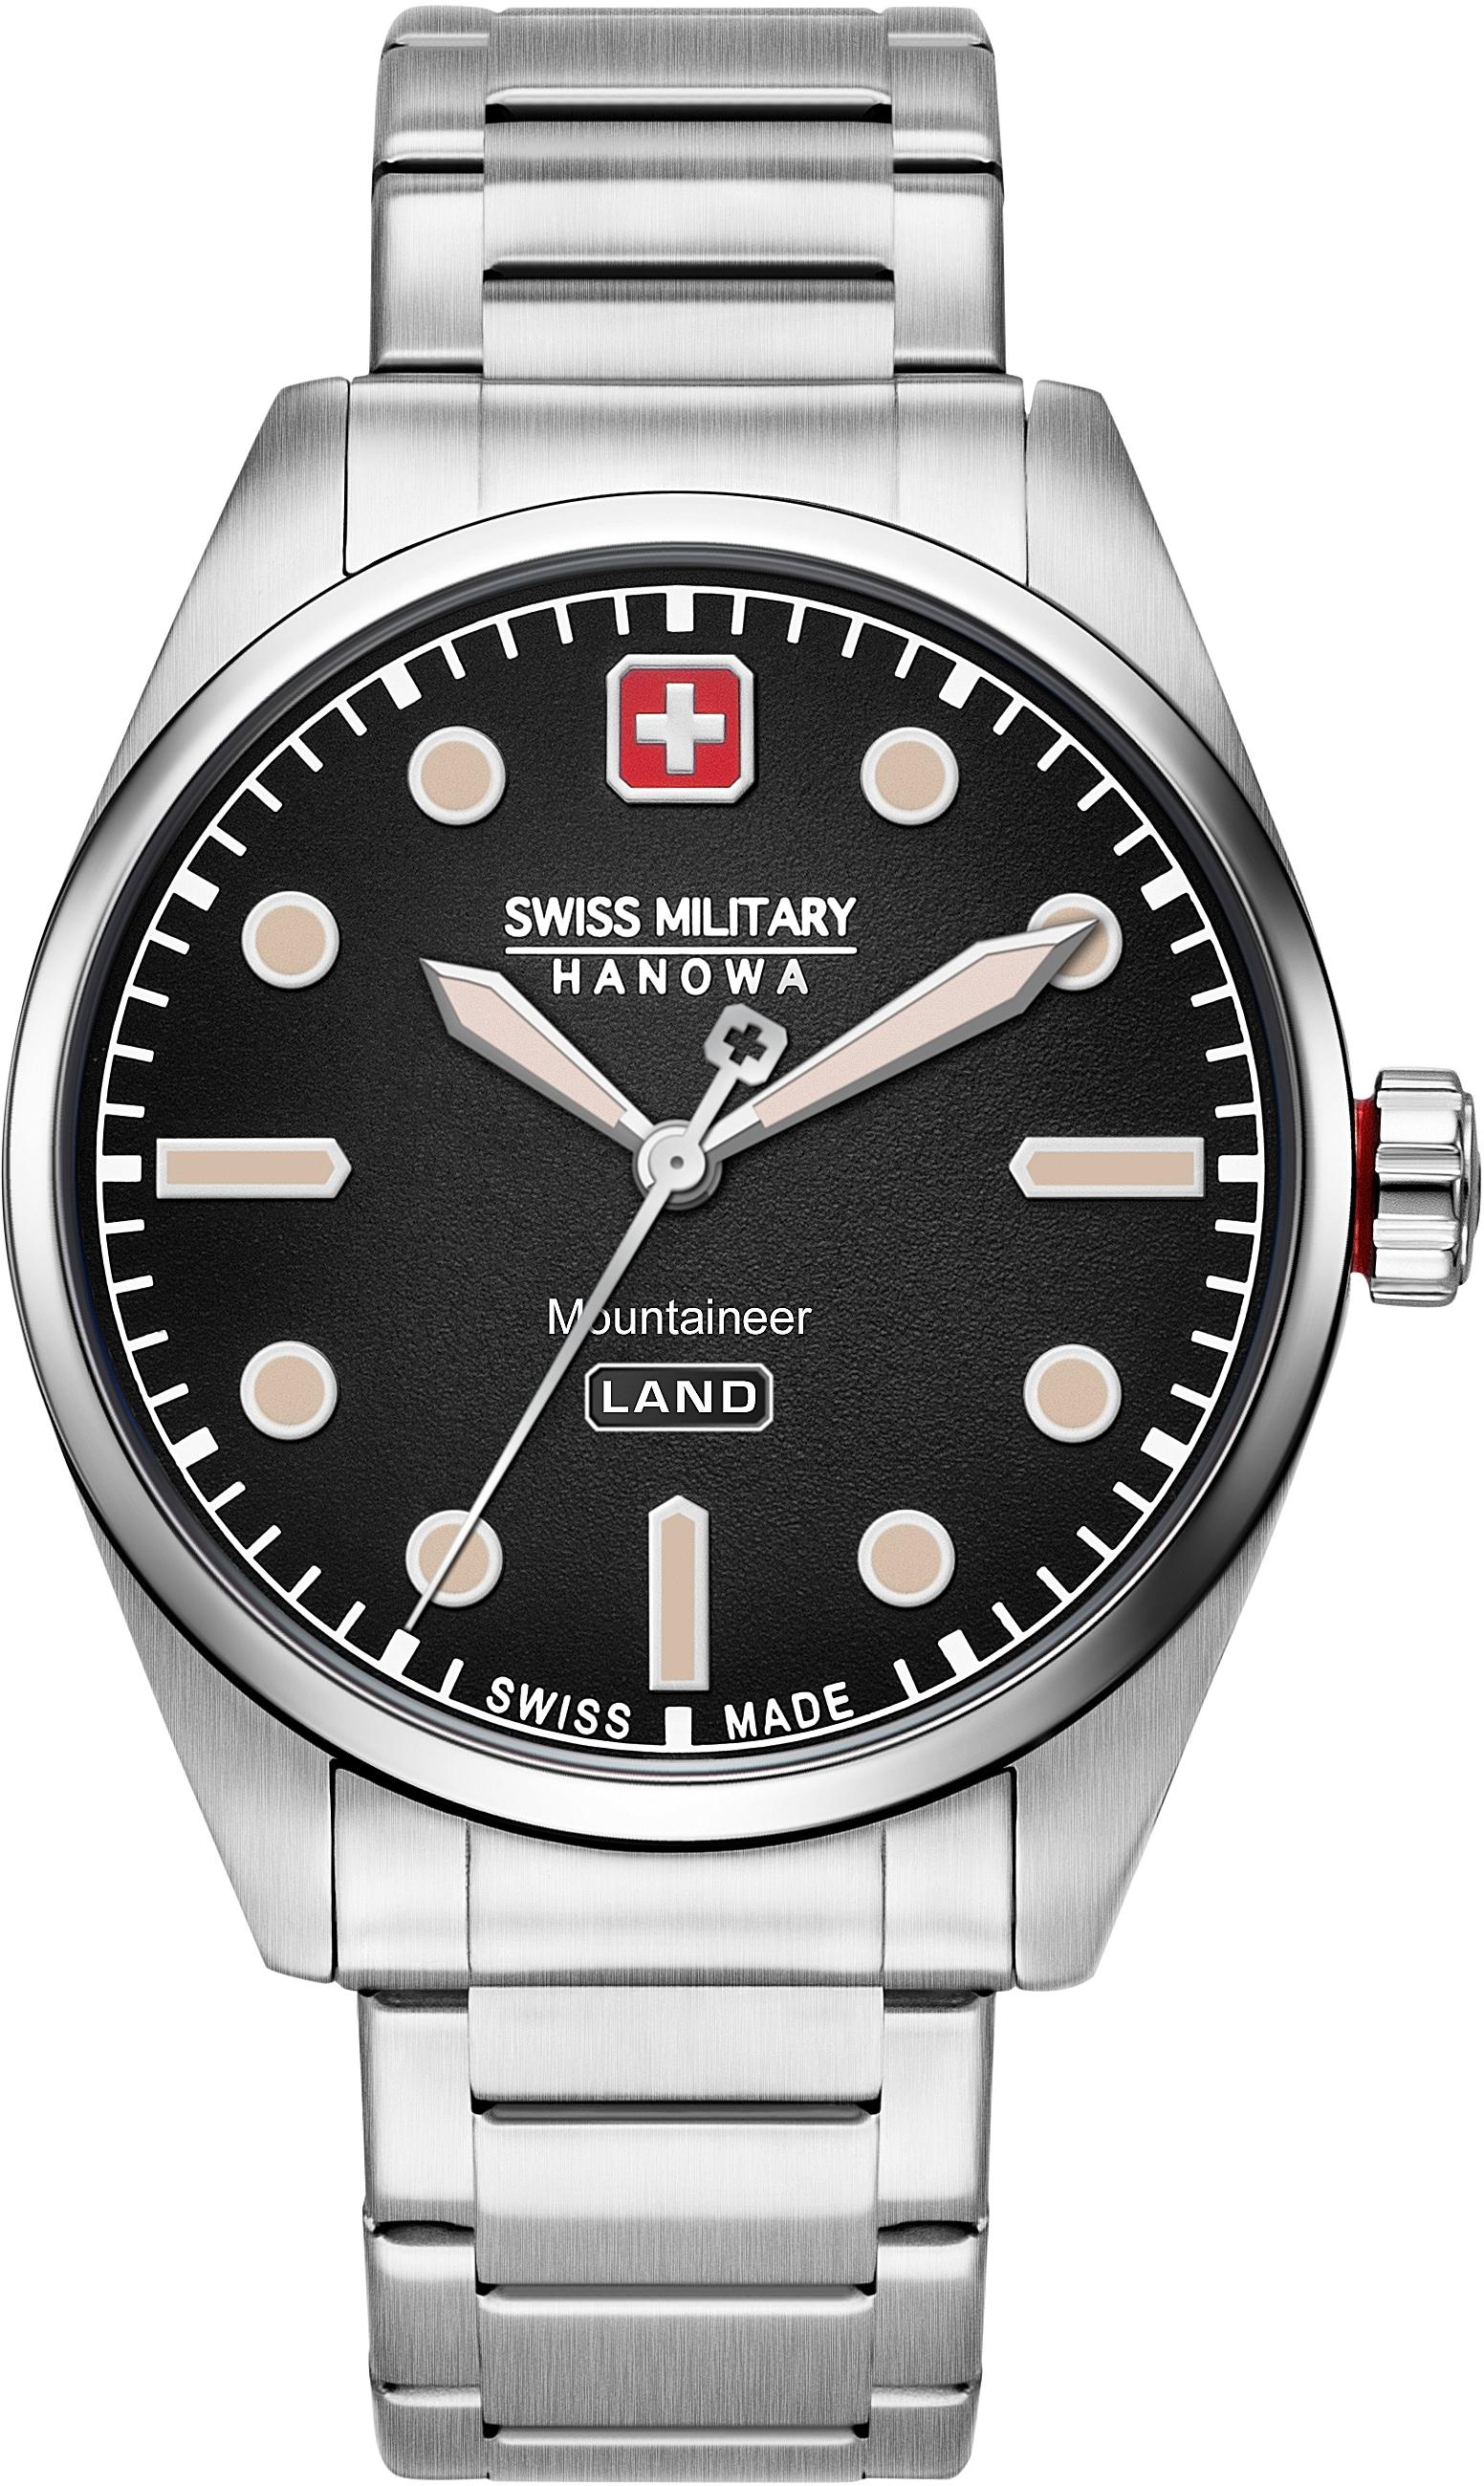 Swiss Military Hanowa Schweizer Uhr MOUNTAINEER, 06-5345.7.04.007 günstig online kaufen